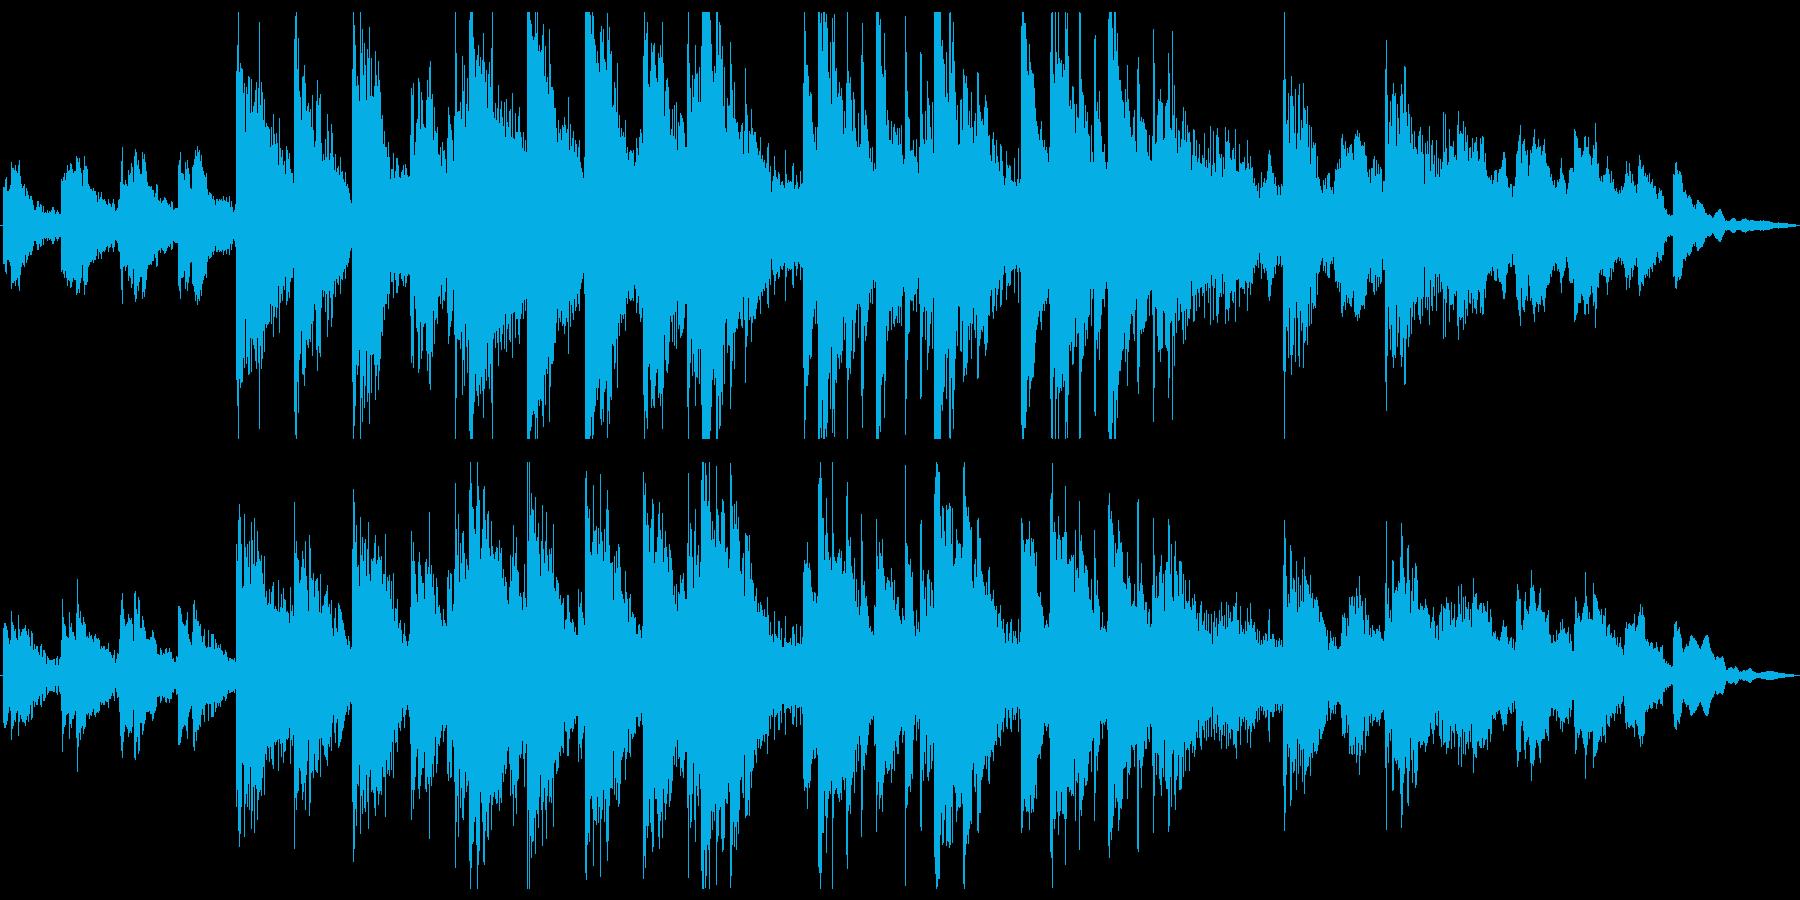 悲しく重々しいホラーやサスペンス風ピアノの再生済みの波形